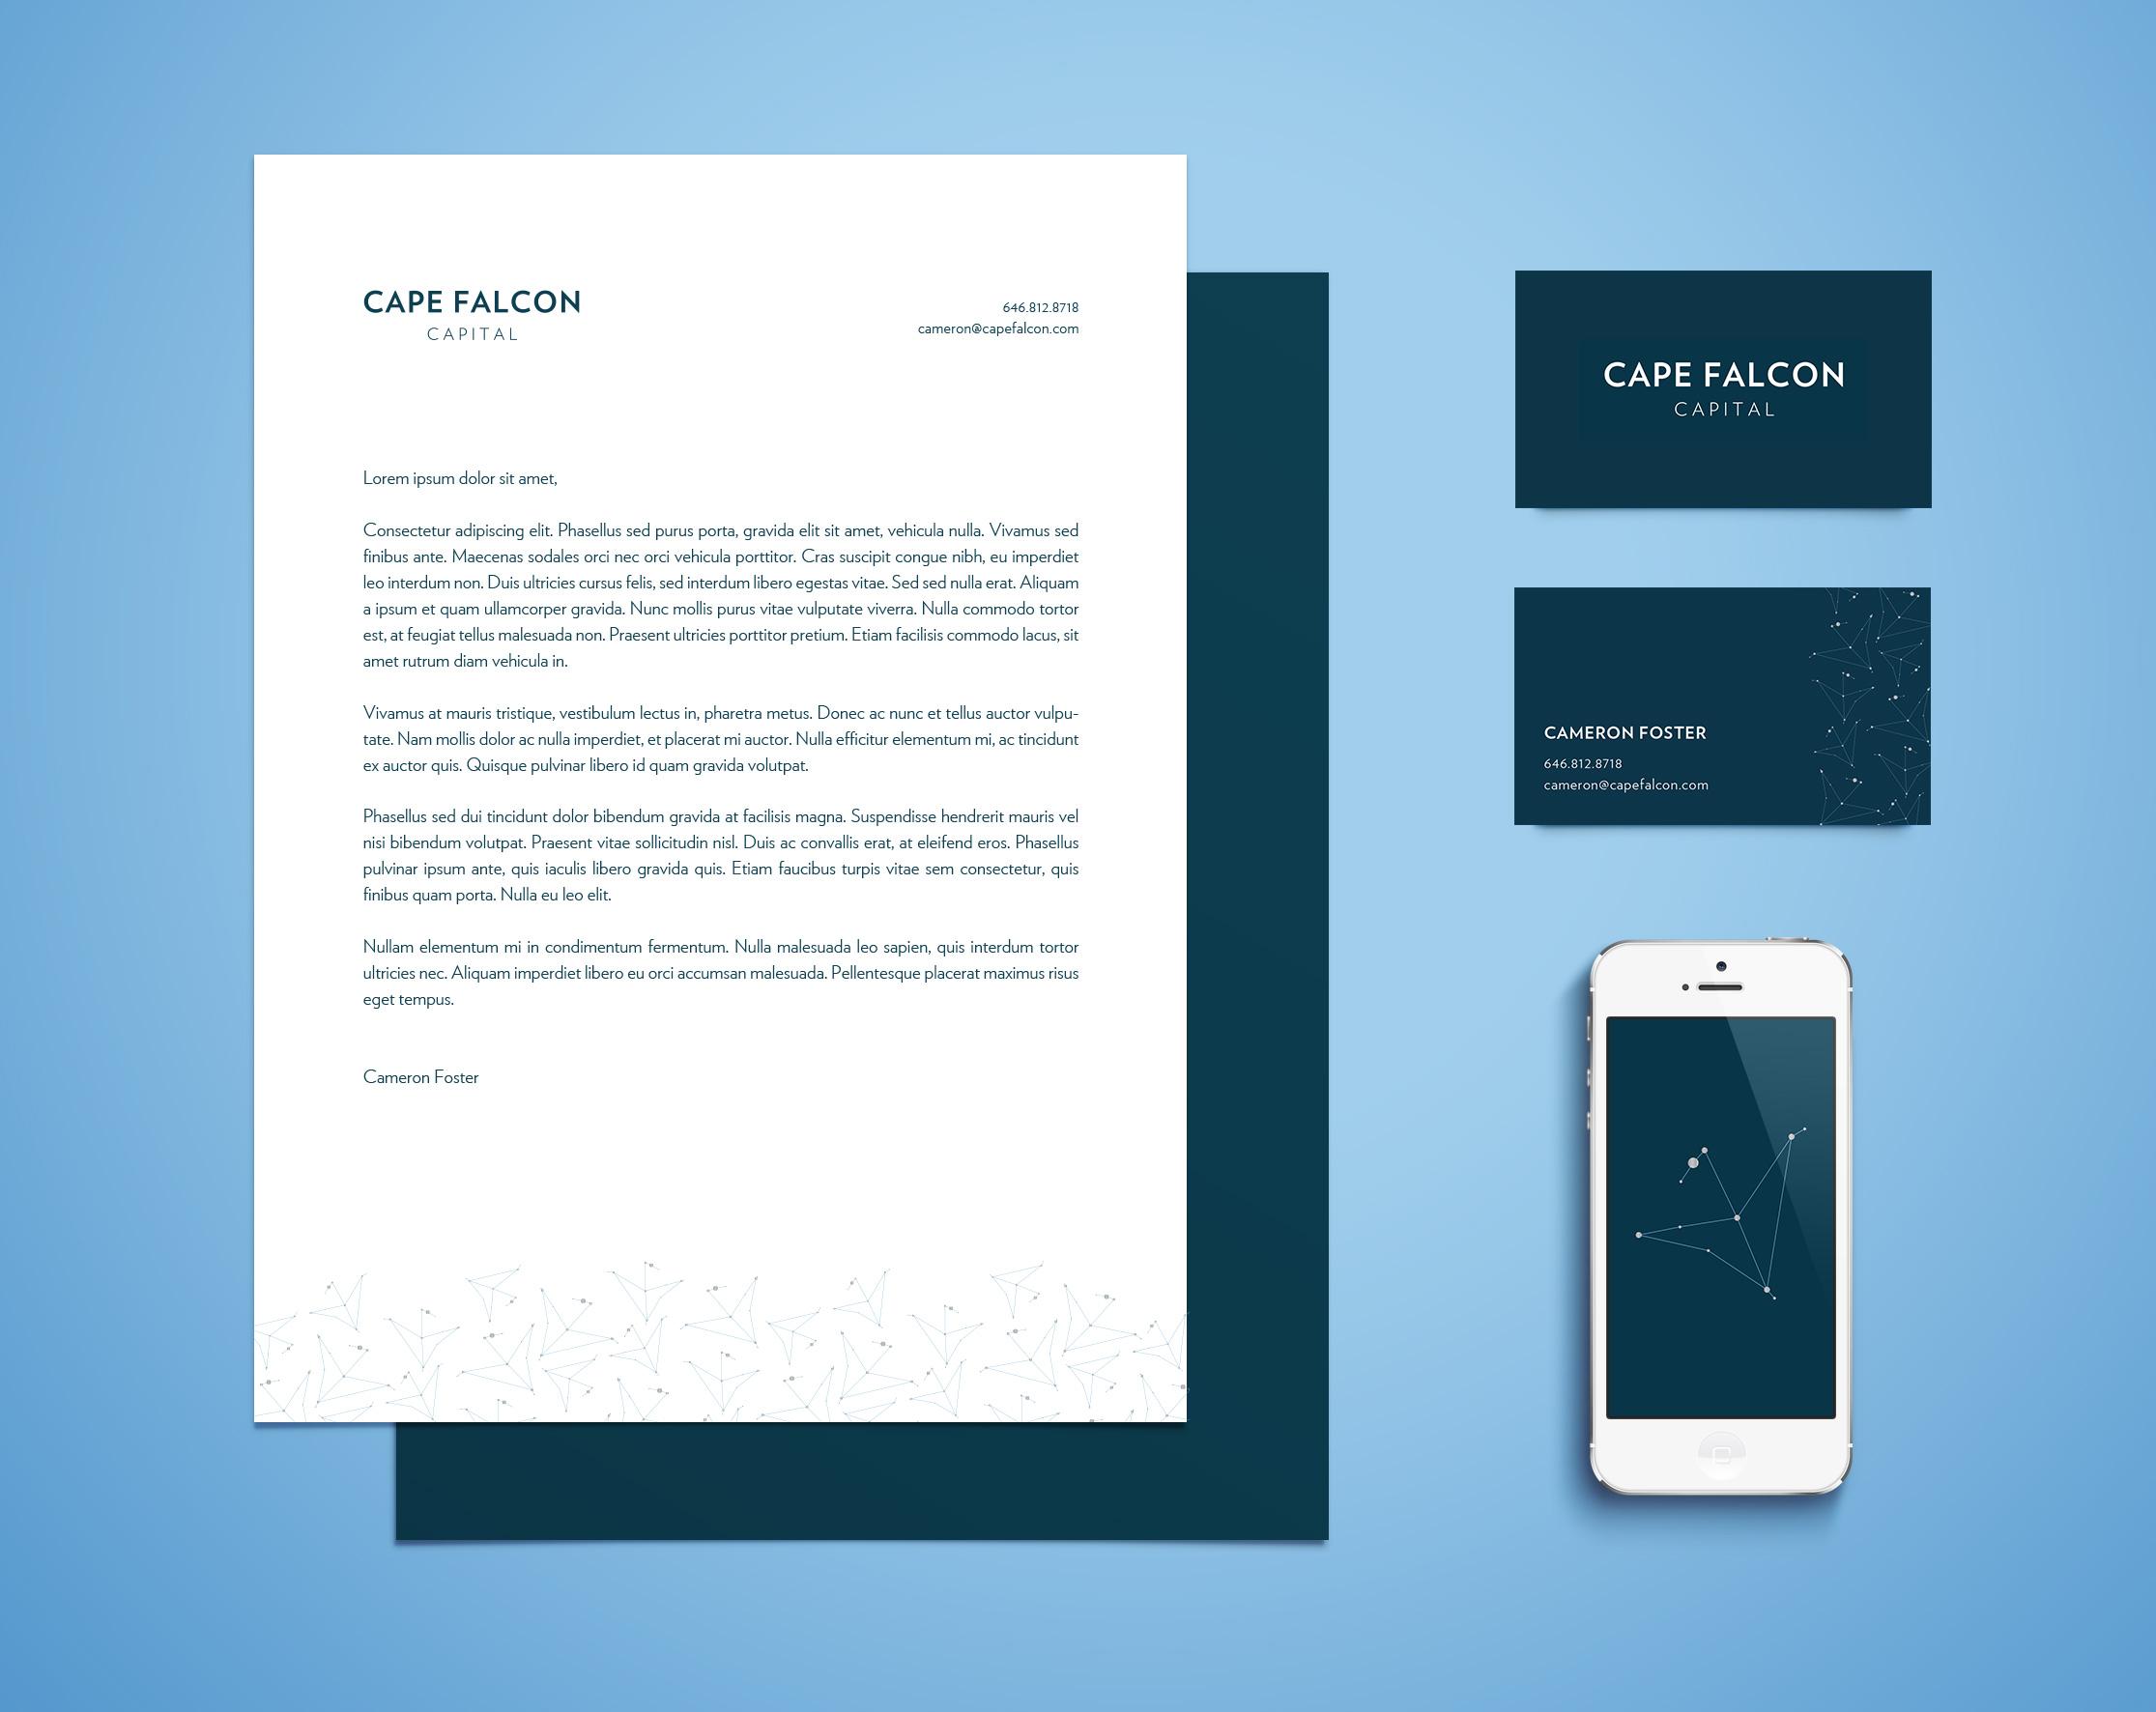 kim-gee-studio-graphic-design-cape-falcon-capital-stationery